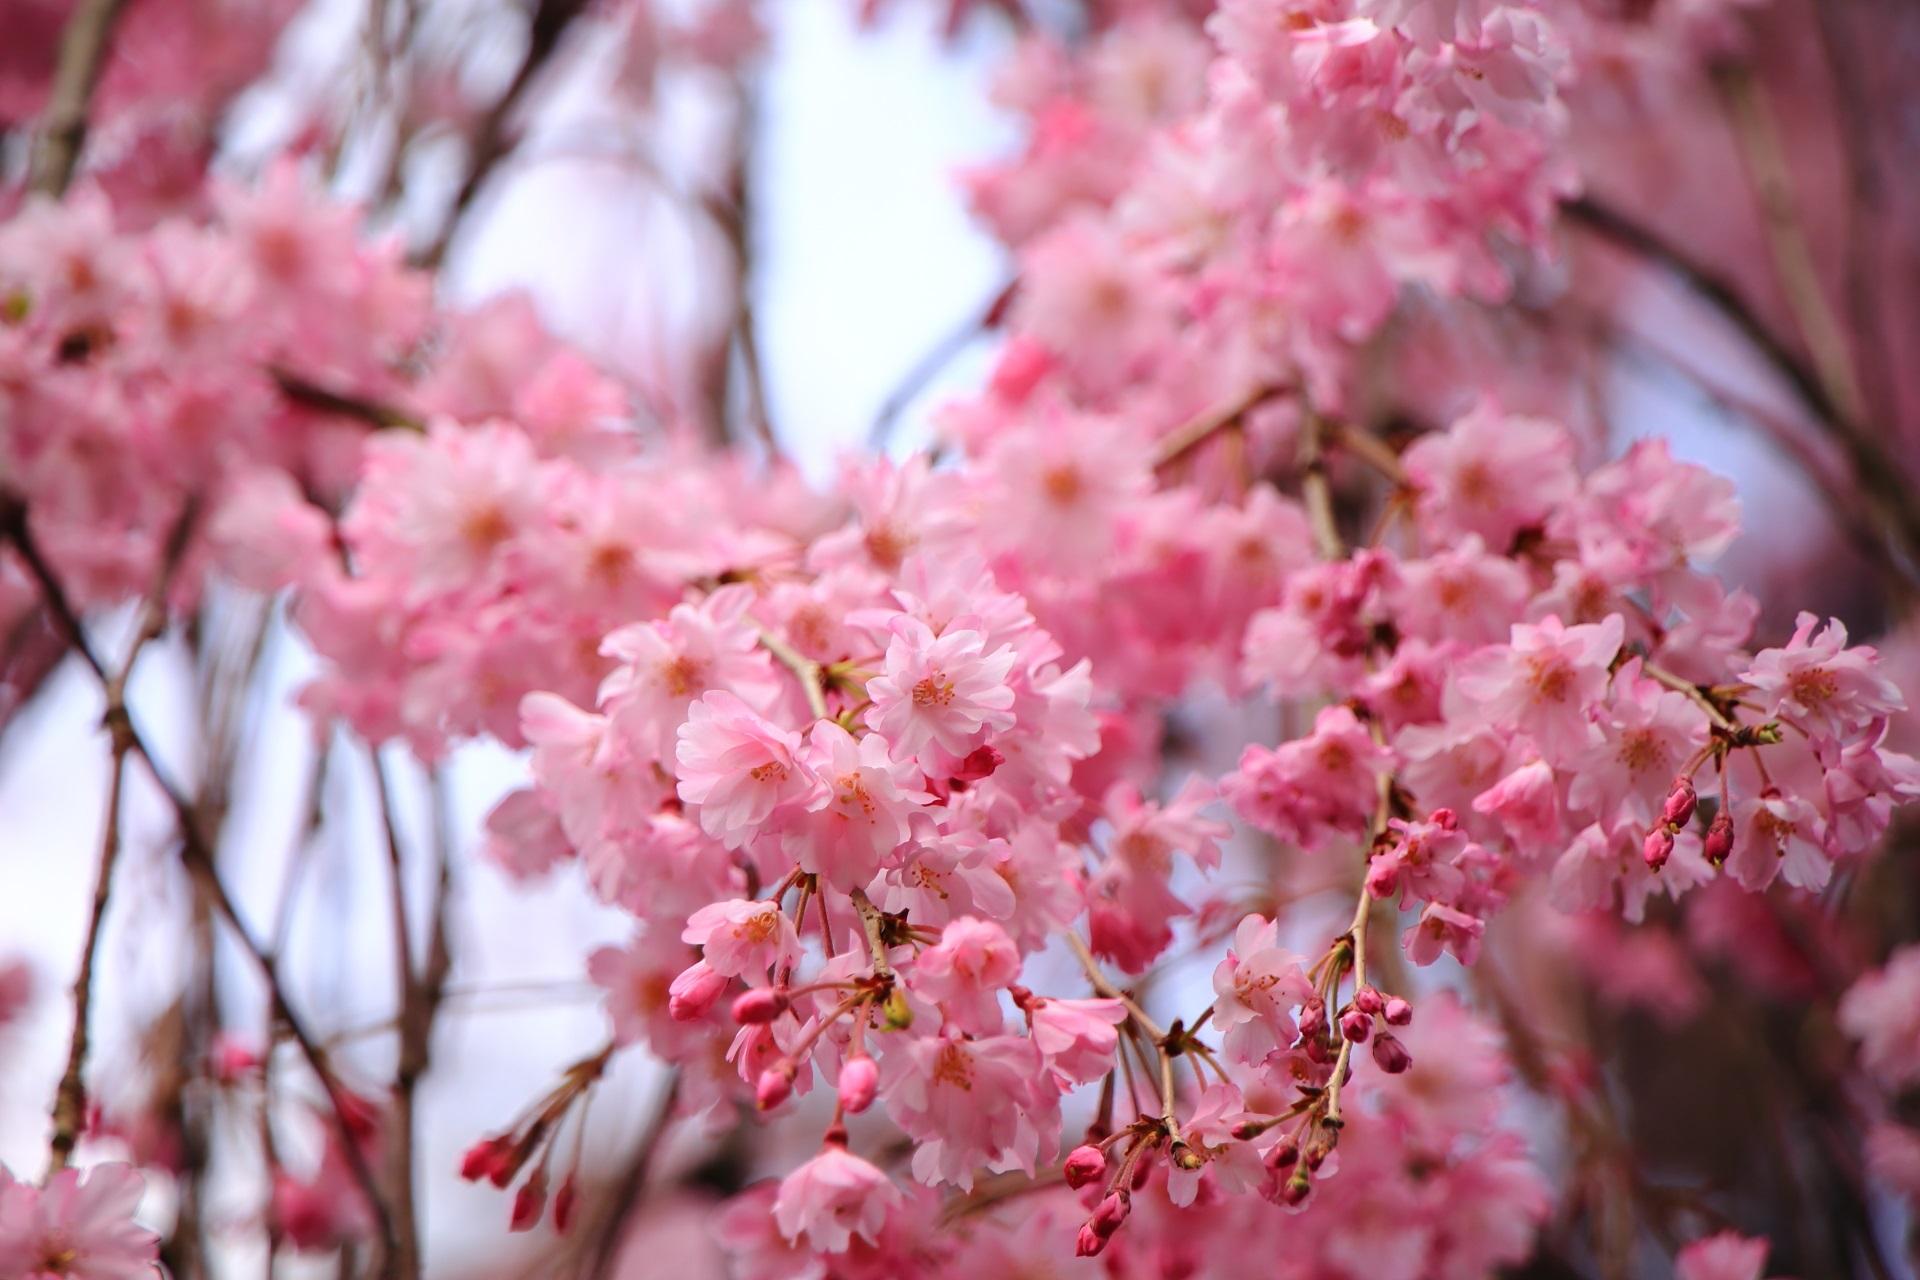 華やかで柔らかい感じもするピンクの花びら